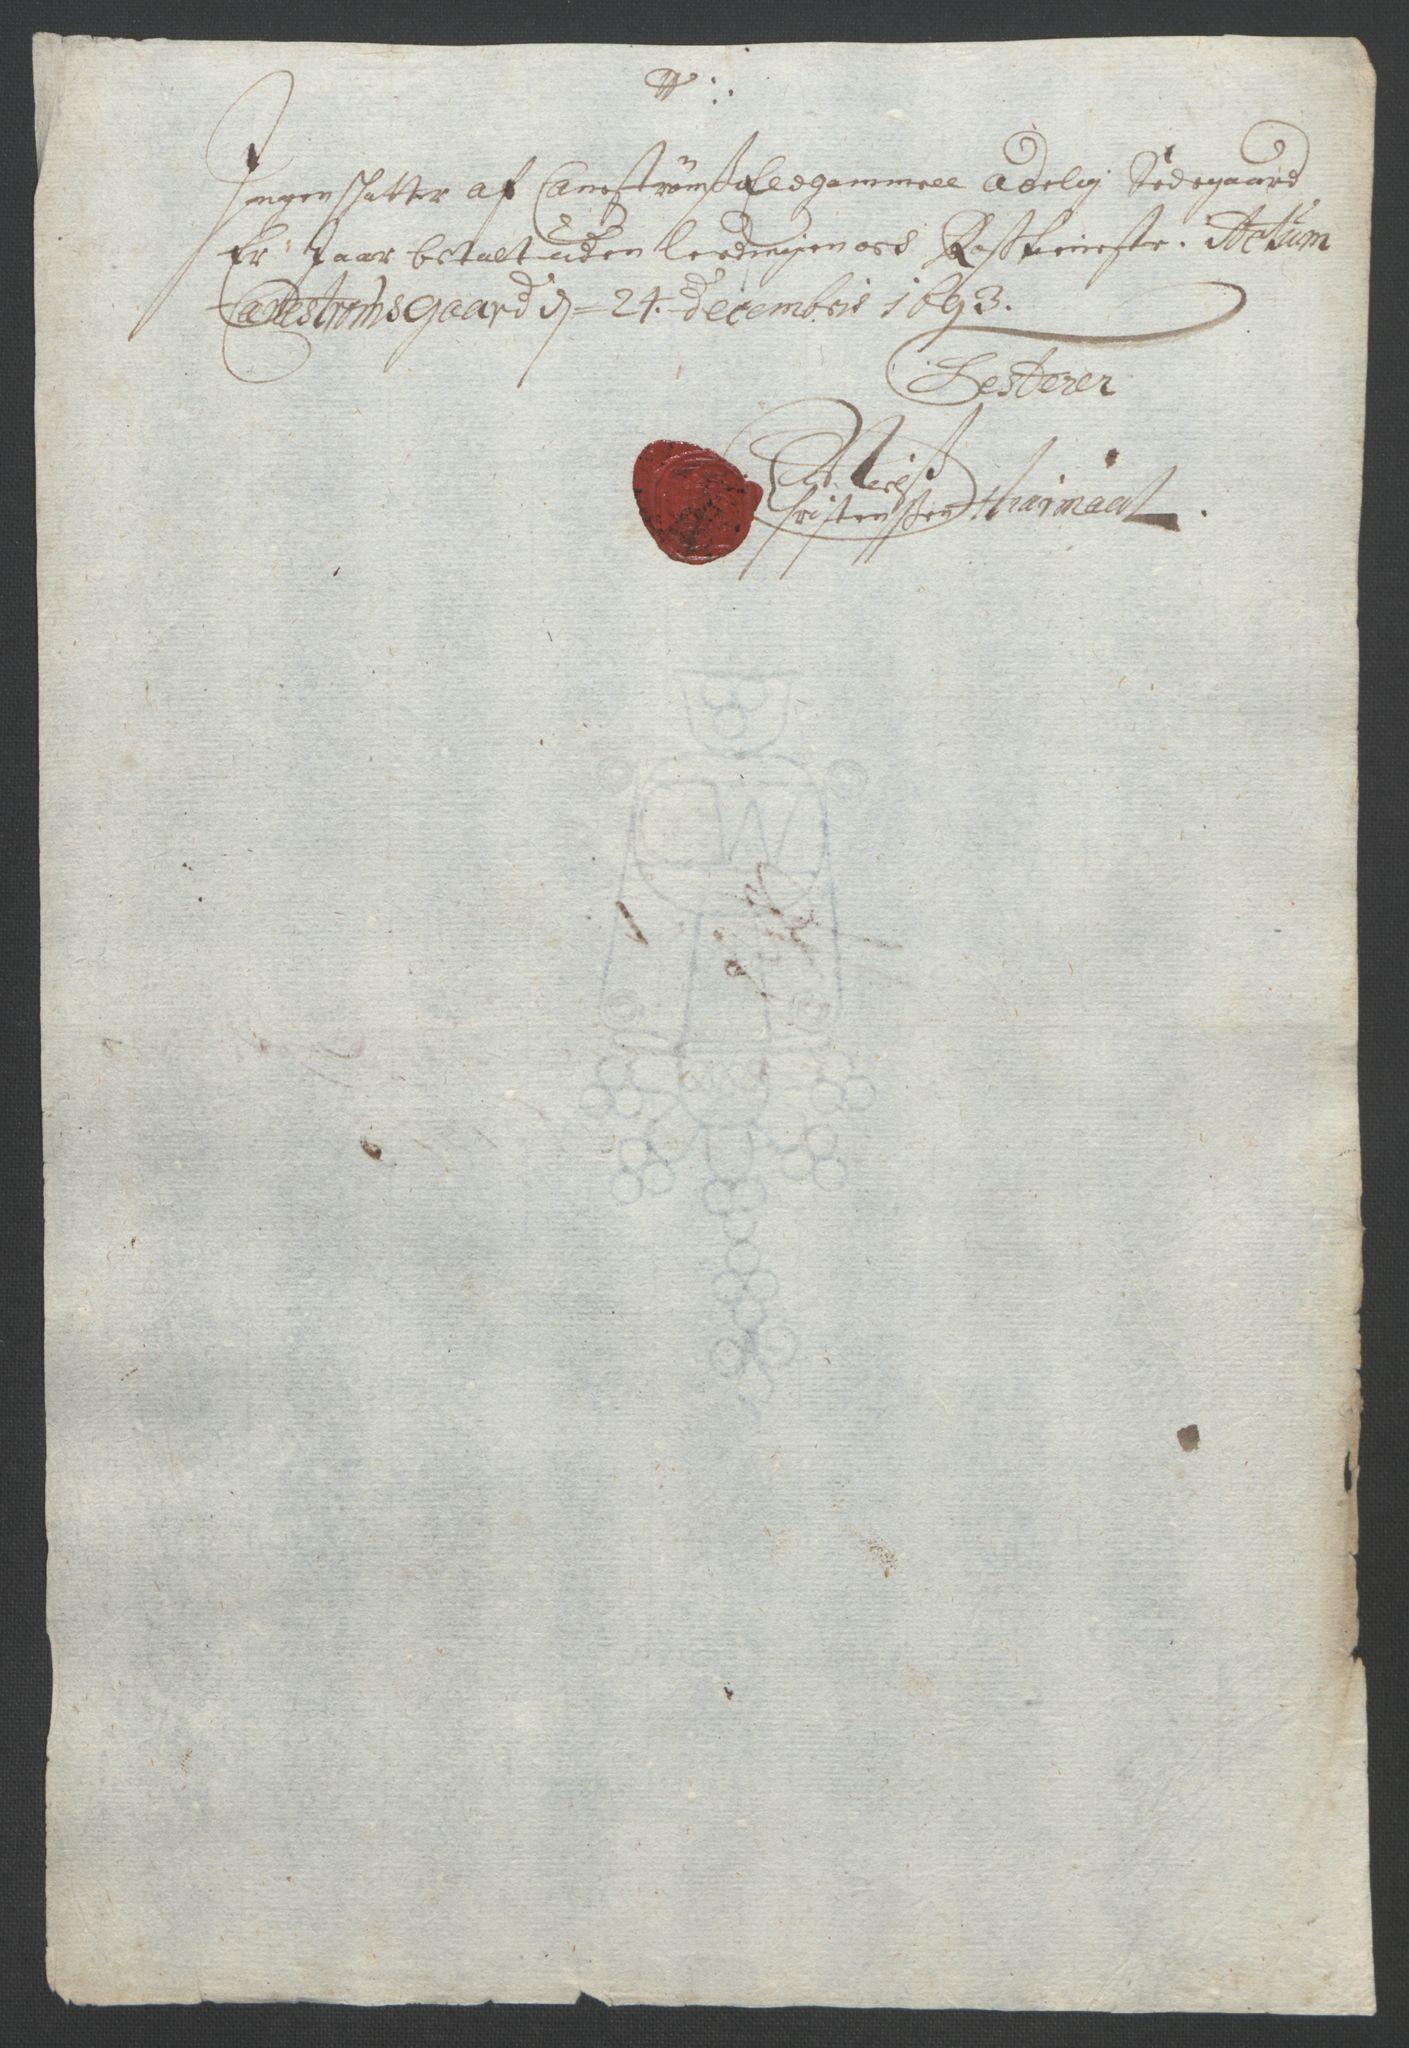 RA, Rentekammeret inntil 1814, Reviderte regnskaper, Fogderegnskap, R56/L3735: Fogderegnskap Nordmøre, 1692-1693, s. 381